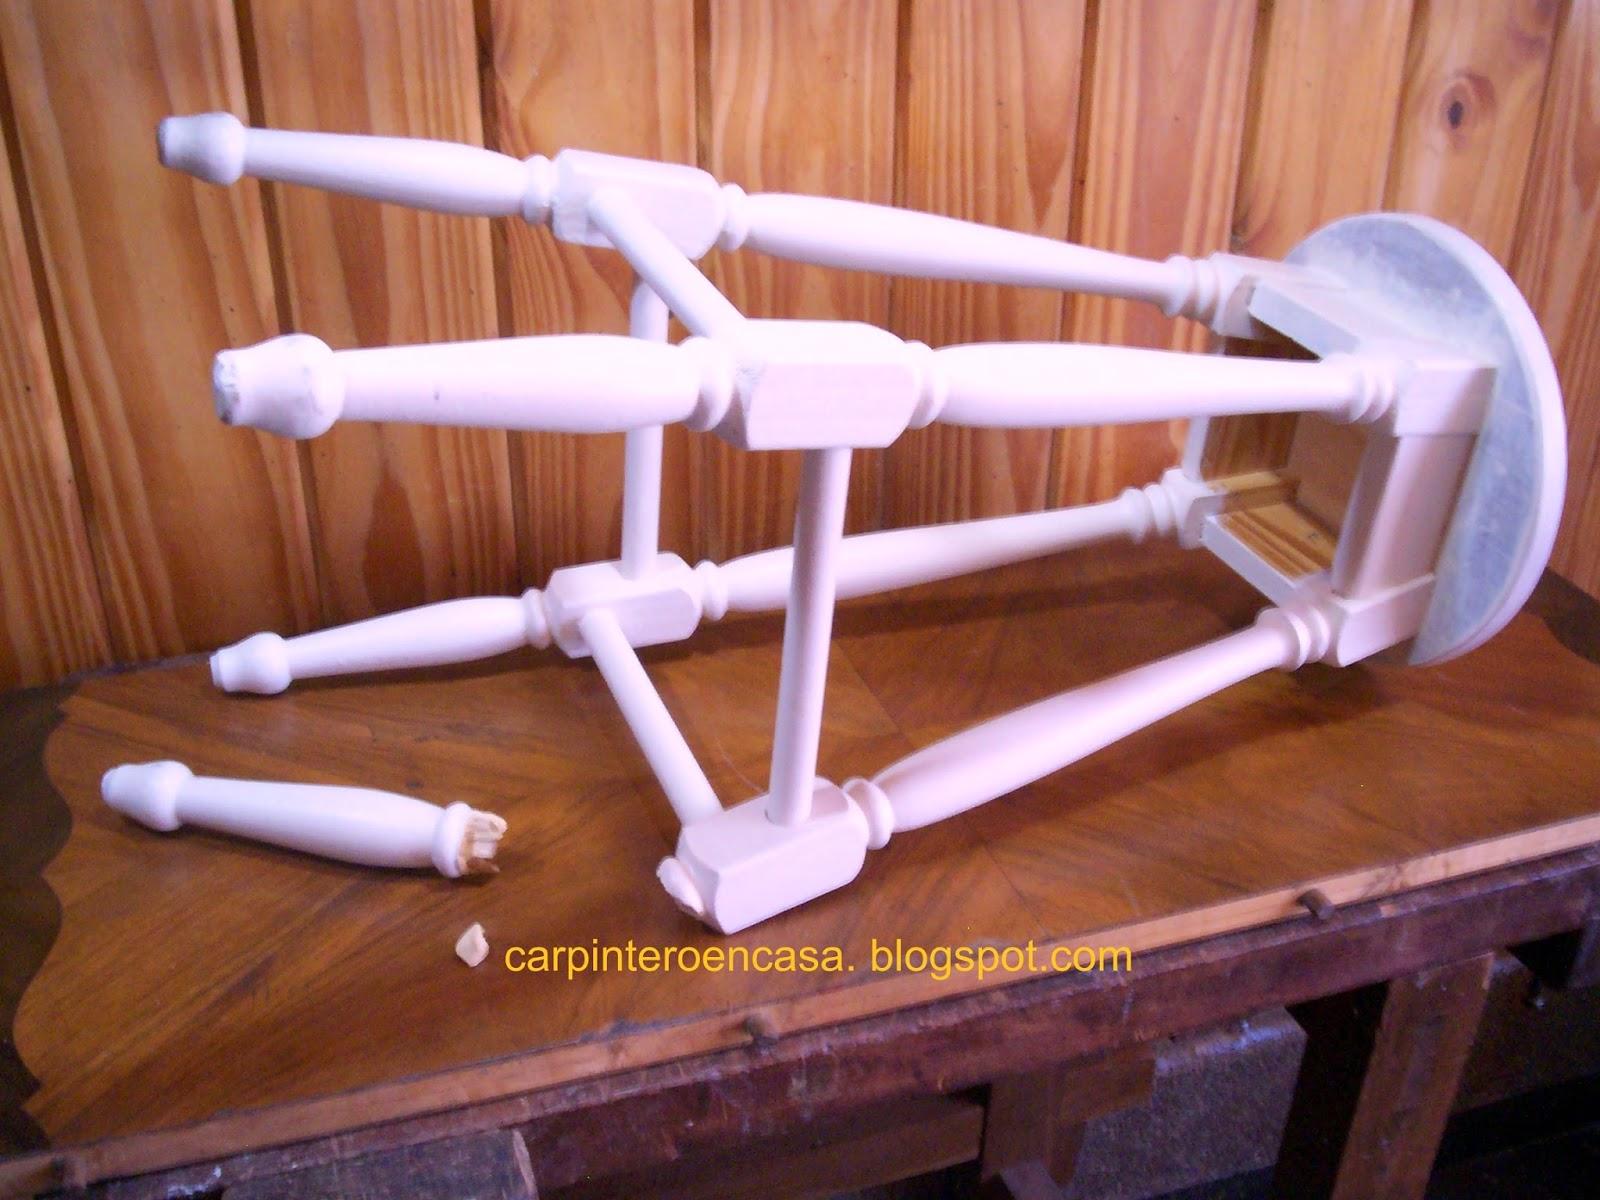 Carpintero en casa como reparar una pata de banco - Reparar madera ...